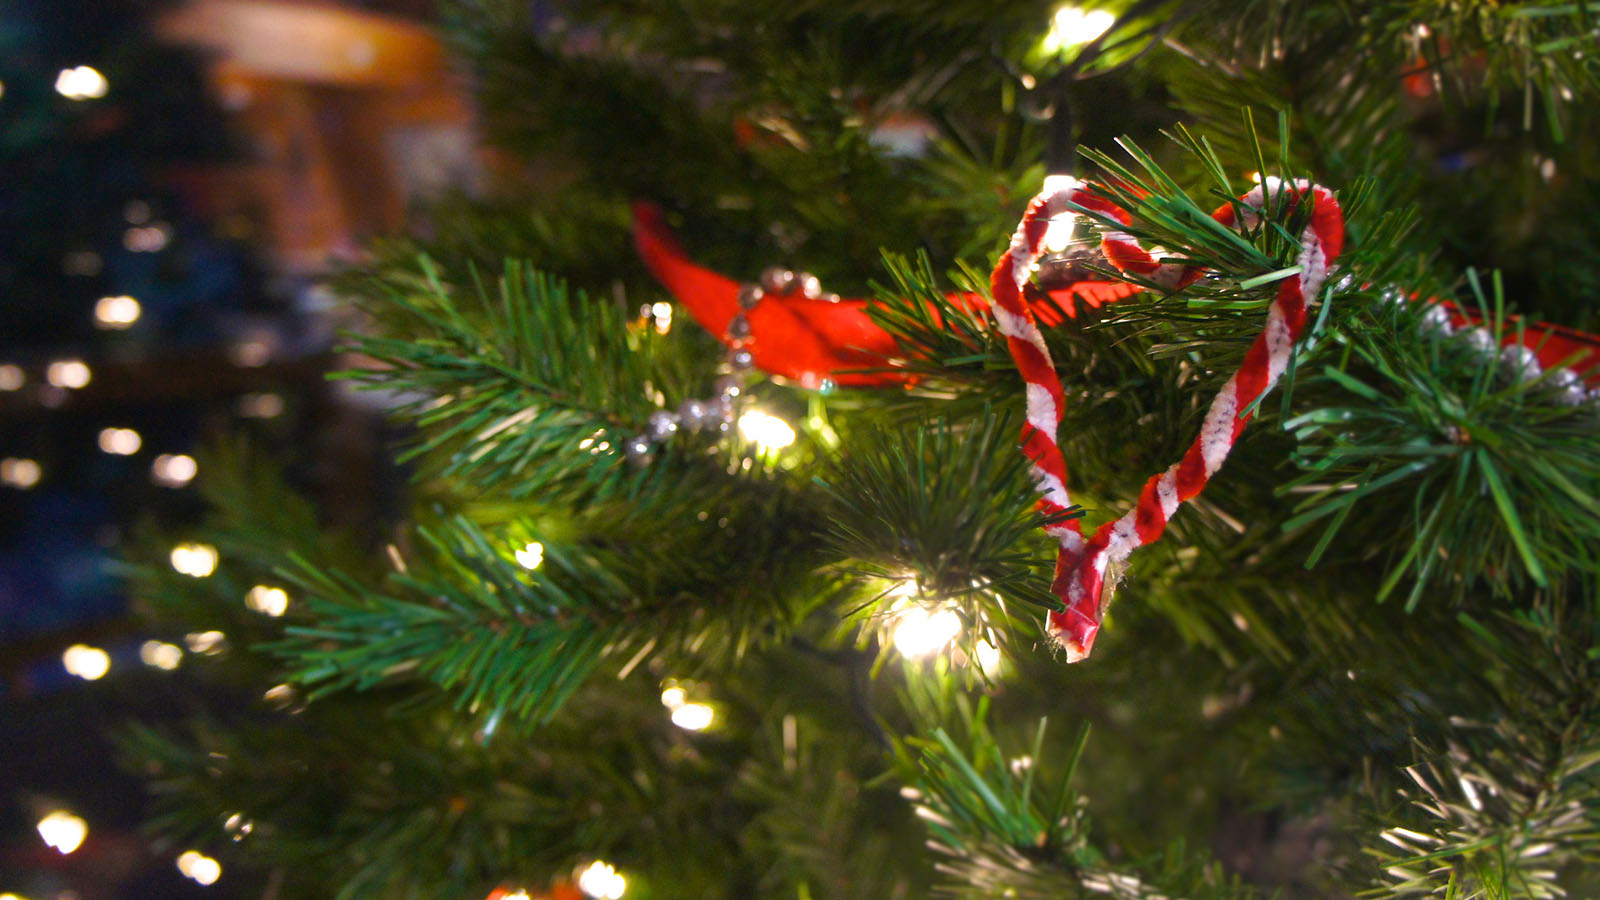 Julen er rikere på indre opplevelse enn vi kanskje tør å vise